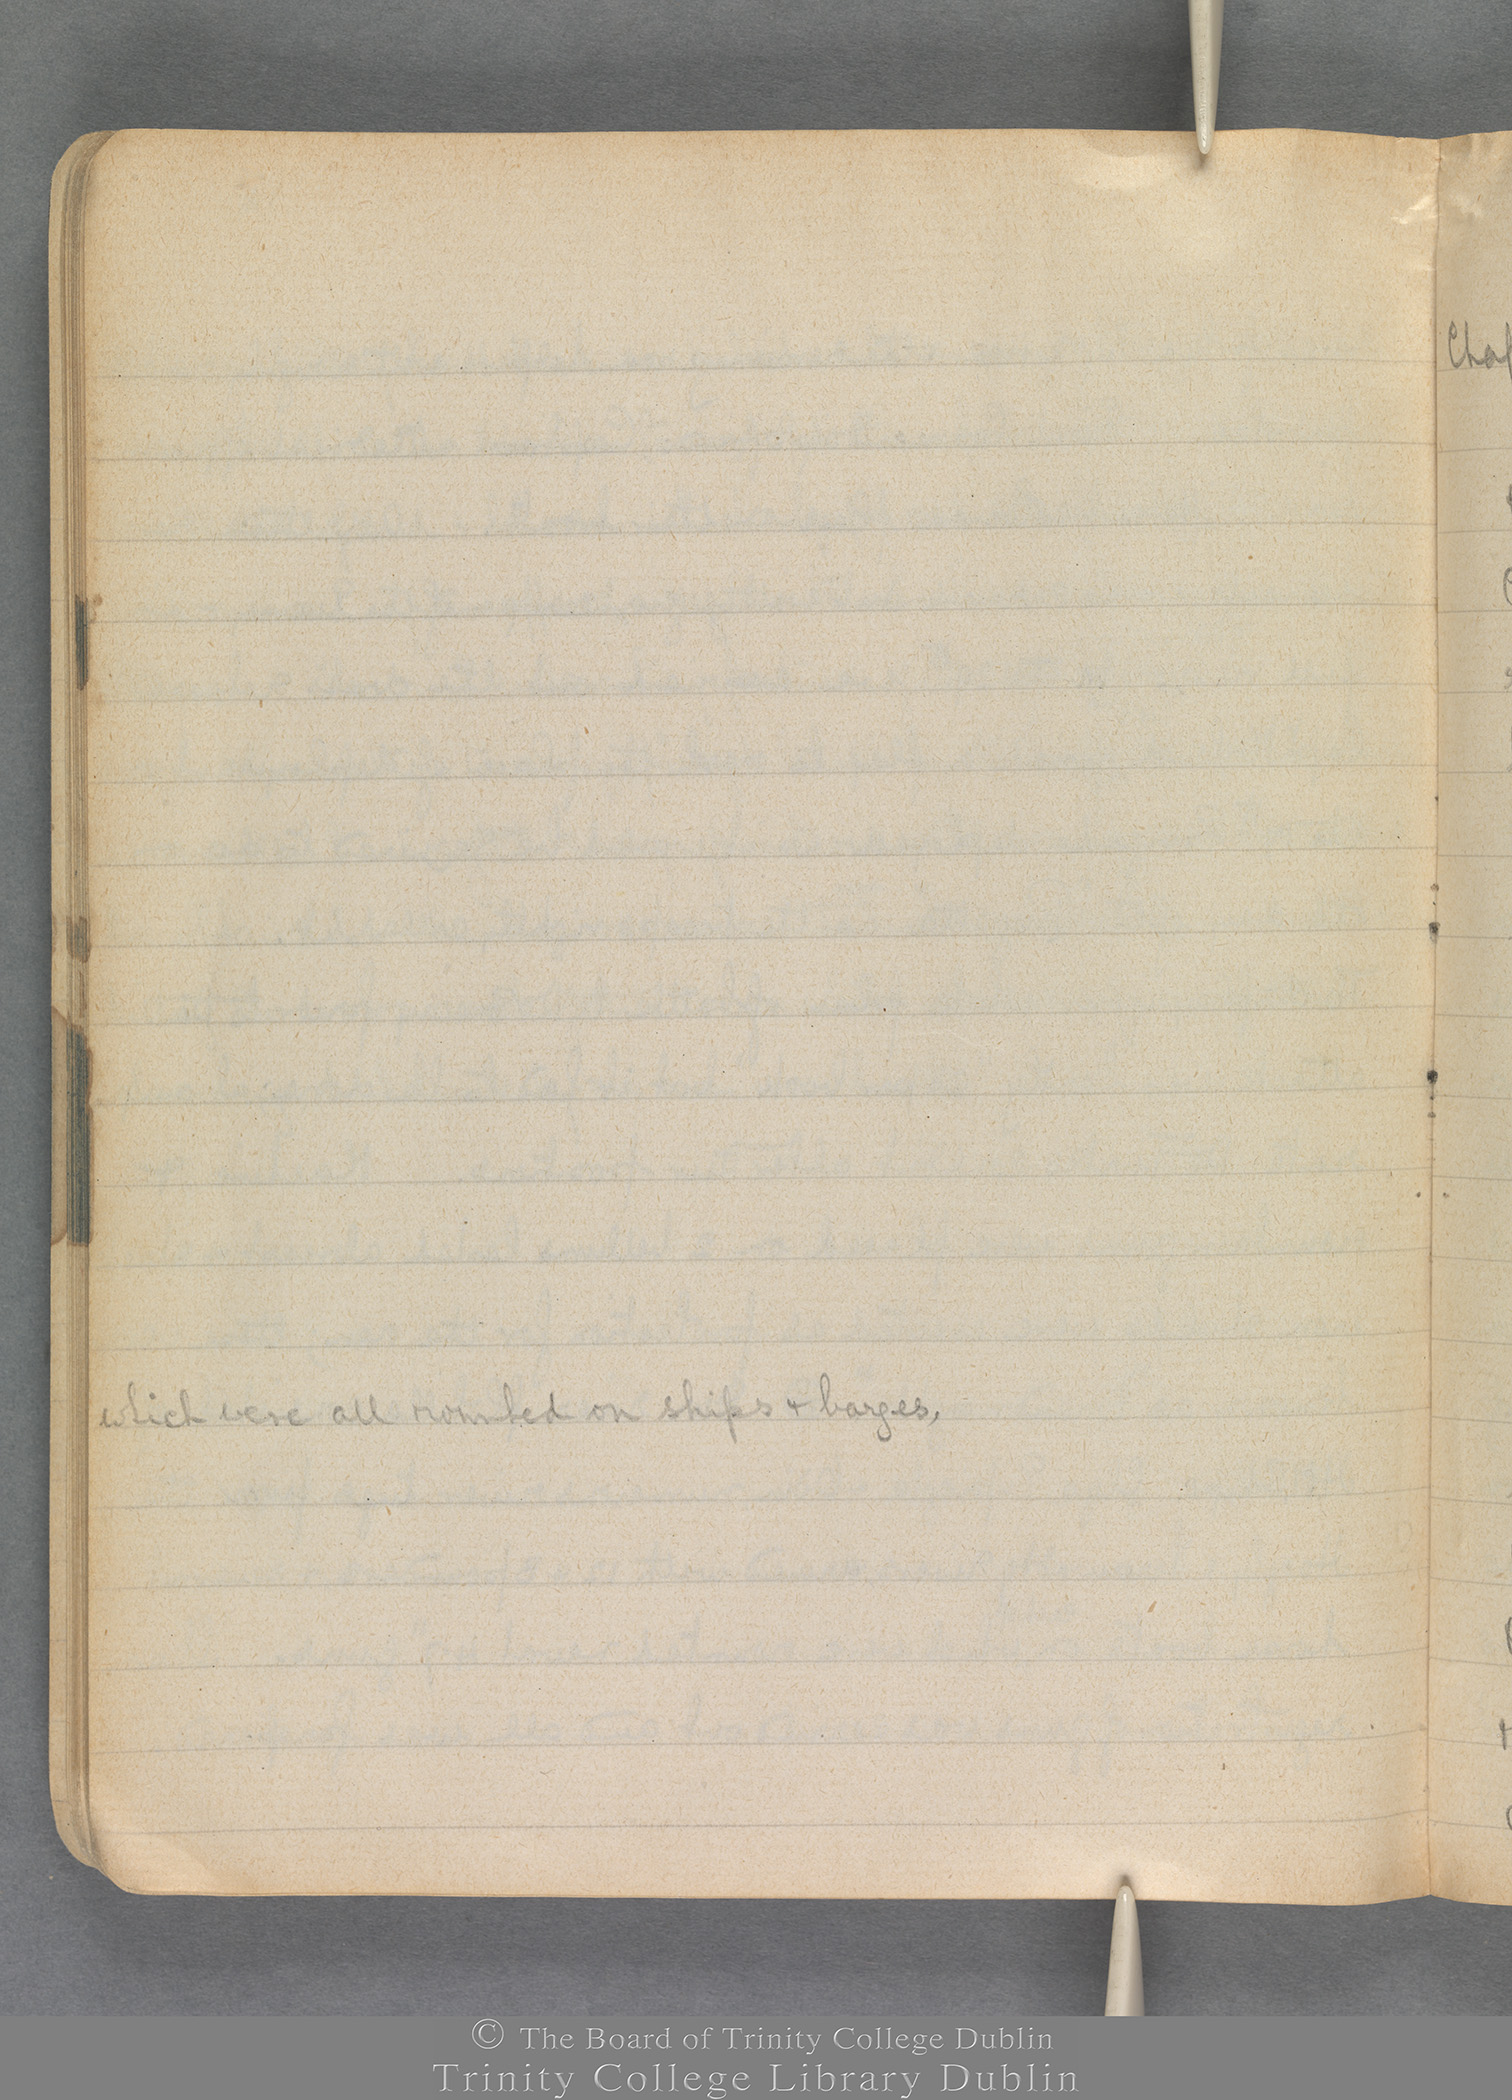 TCD MS 3414 folio 18 verso